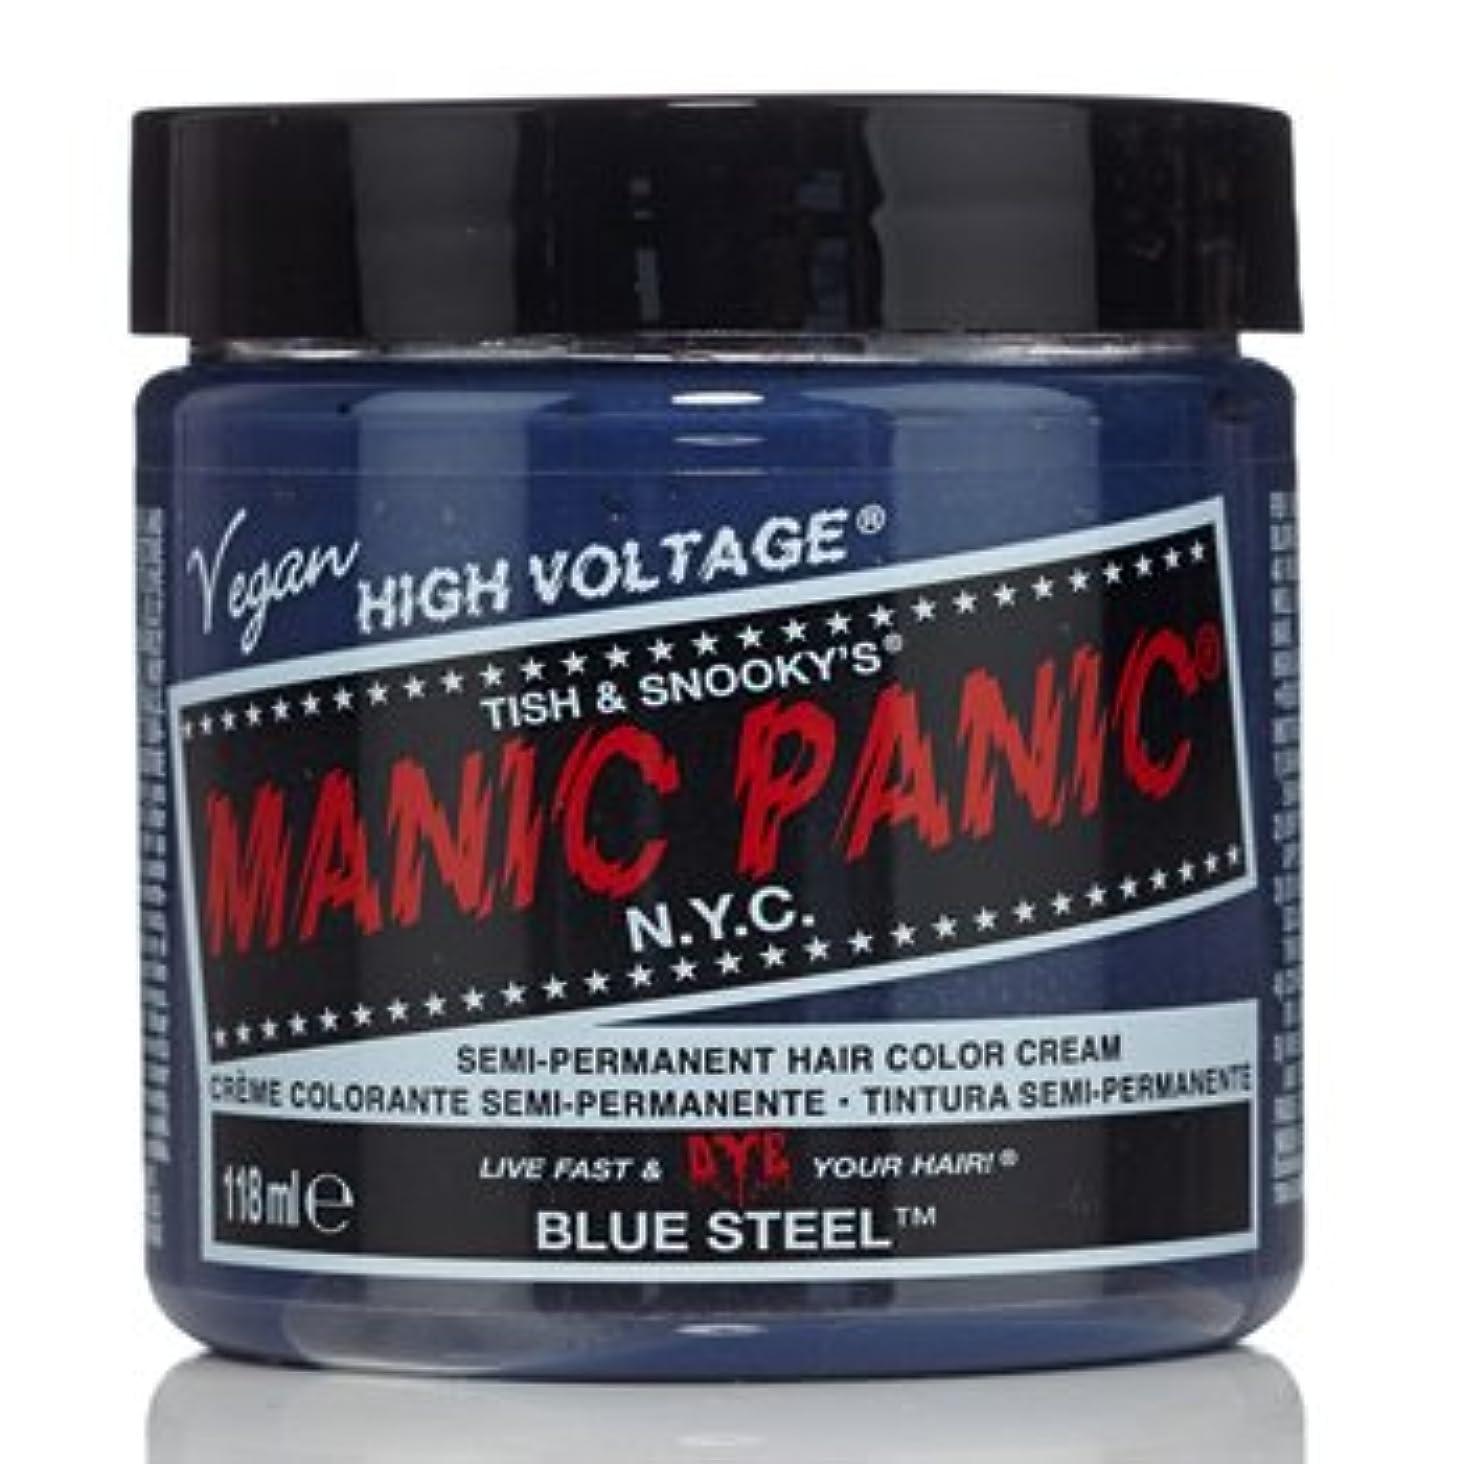 類似性先のことを考えるトースト【3個セット】MANIC PANIC マニックパニック ブルースティール MC11052 118ml